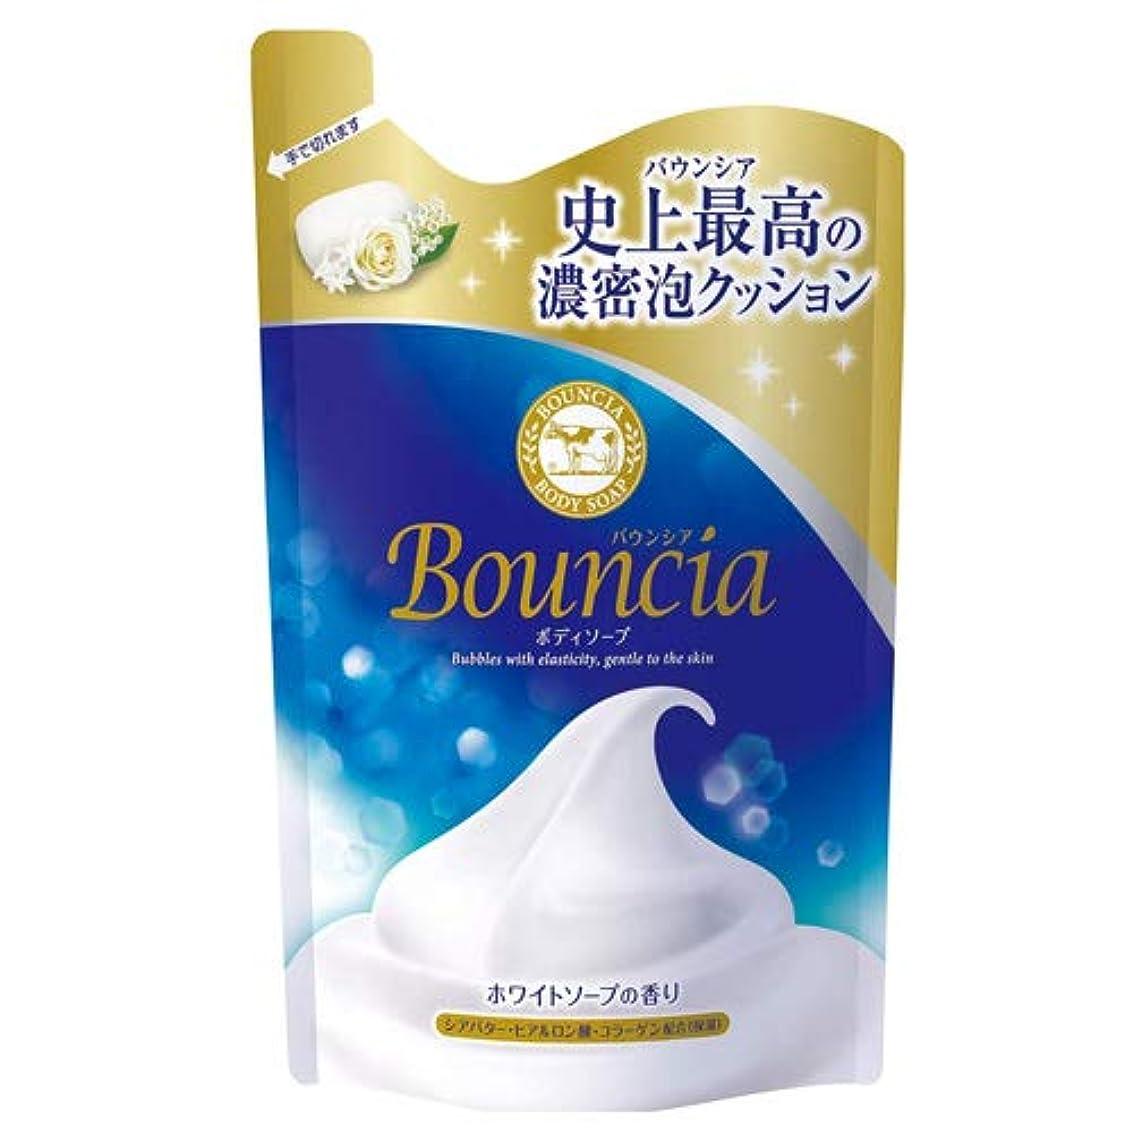 酸化物雪だるまを作る望み牛乳石鹸 バウンシア ボディソープ 詰替用 400ml×4個